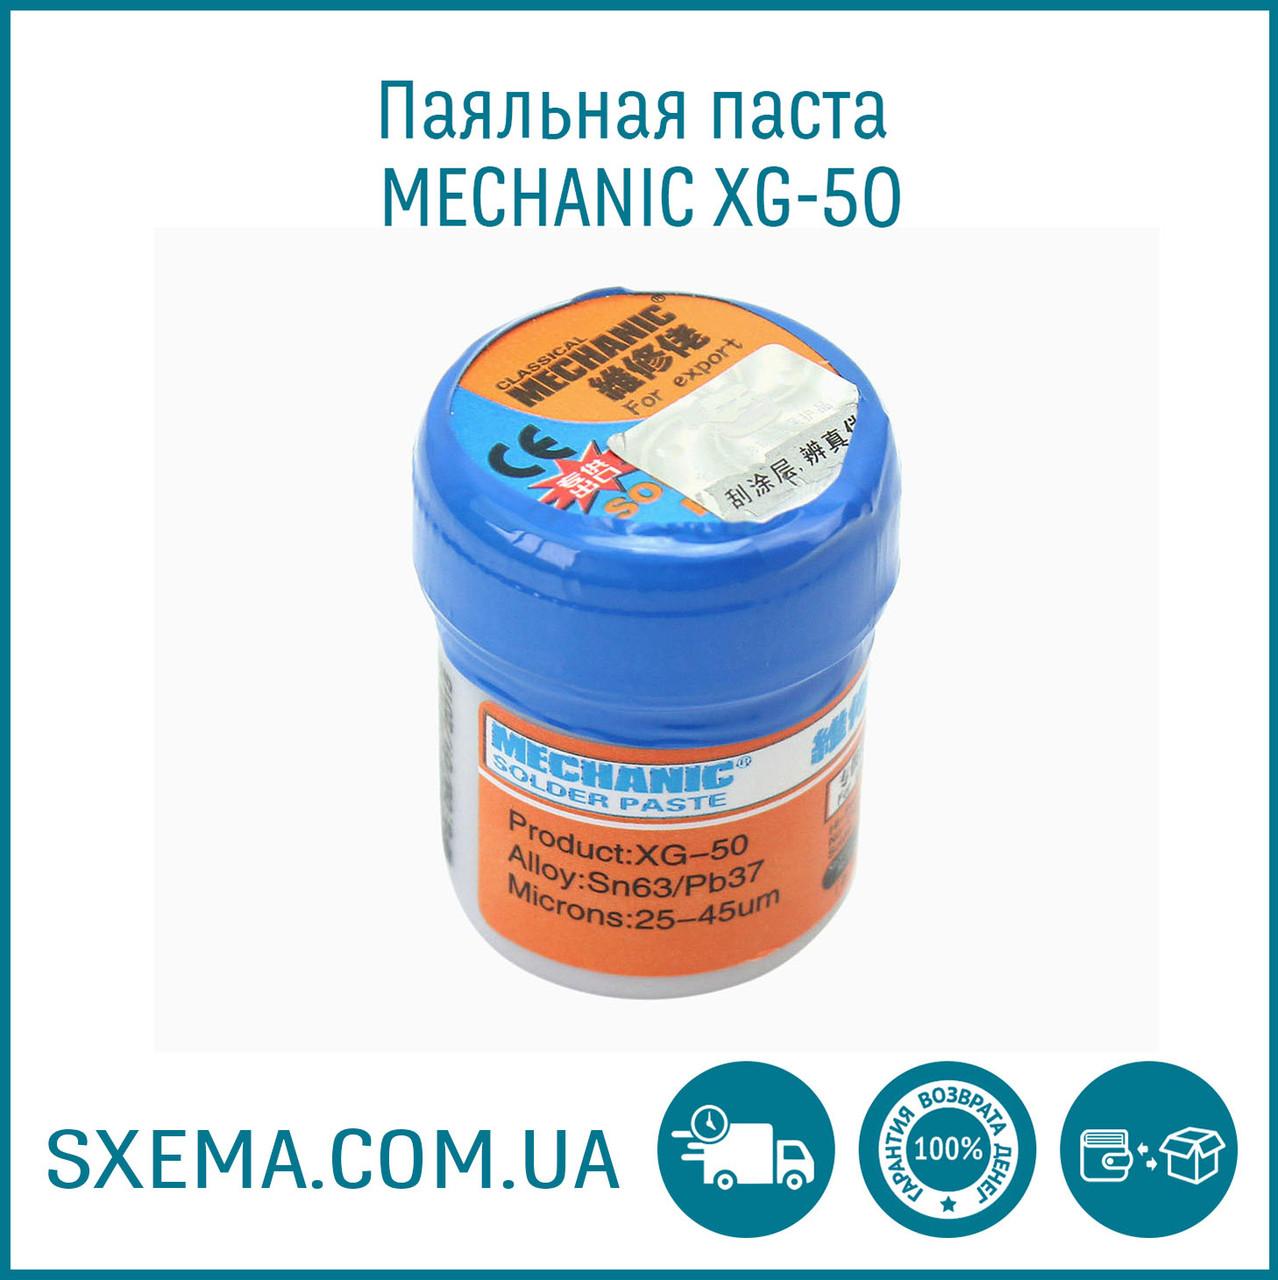 BGA паста паяльная Mechanic XG-50 оловянно-свинцовая 35грам